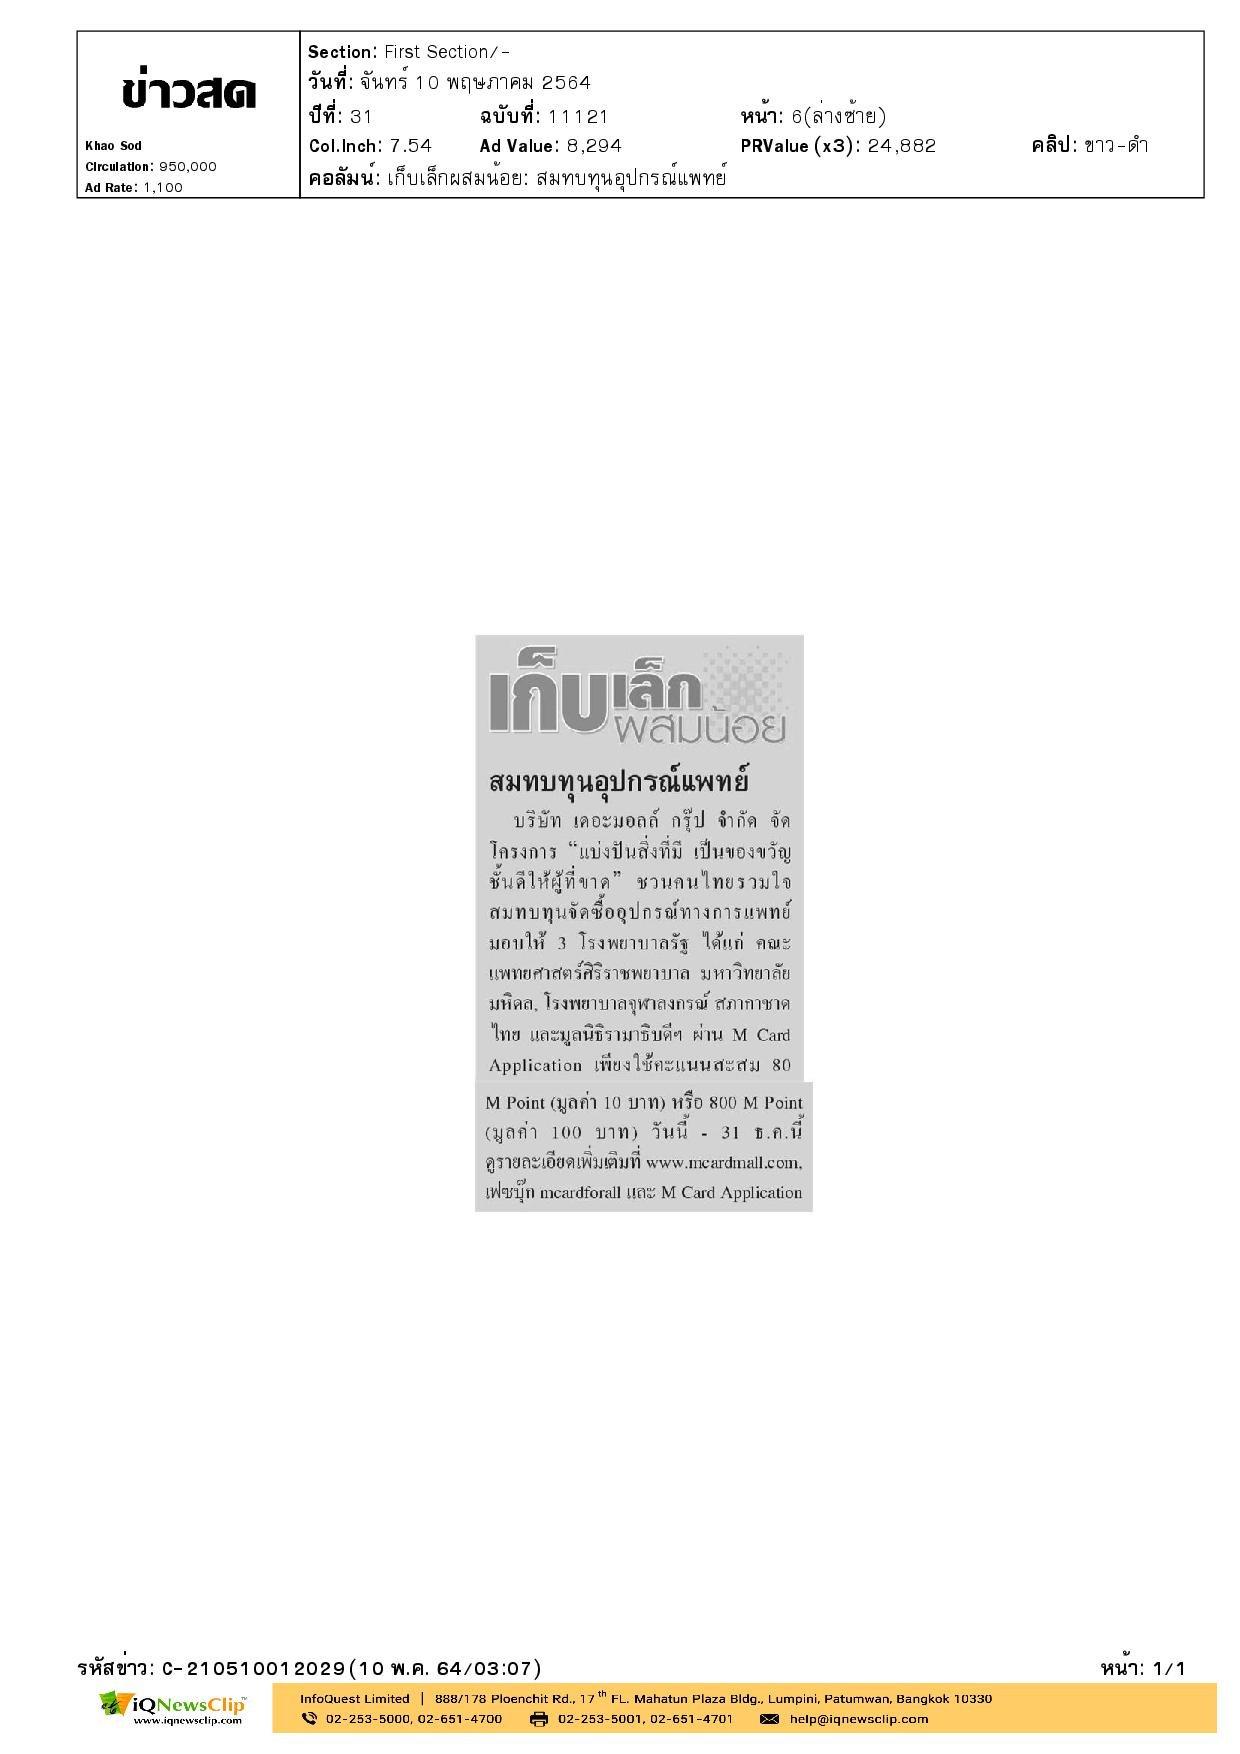 ชวนคนไทยรวมใจสมทบทุนจัดซื้ออุปกรณ์ทางการแพทย์ มอบให้ รพ.จุฬา